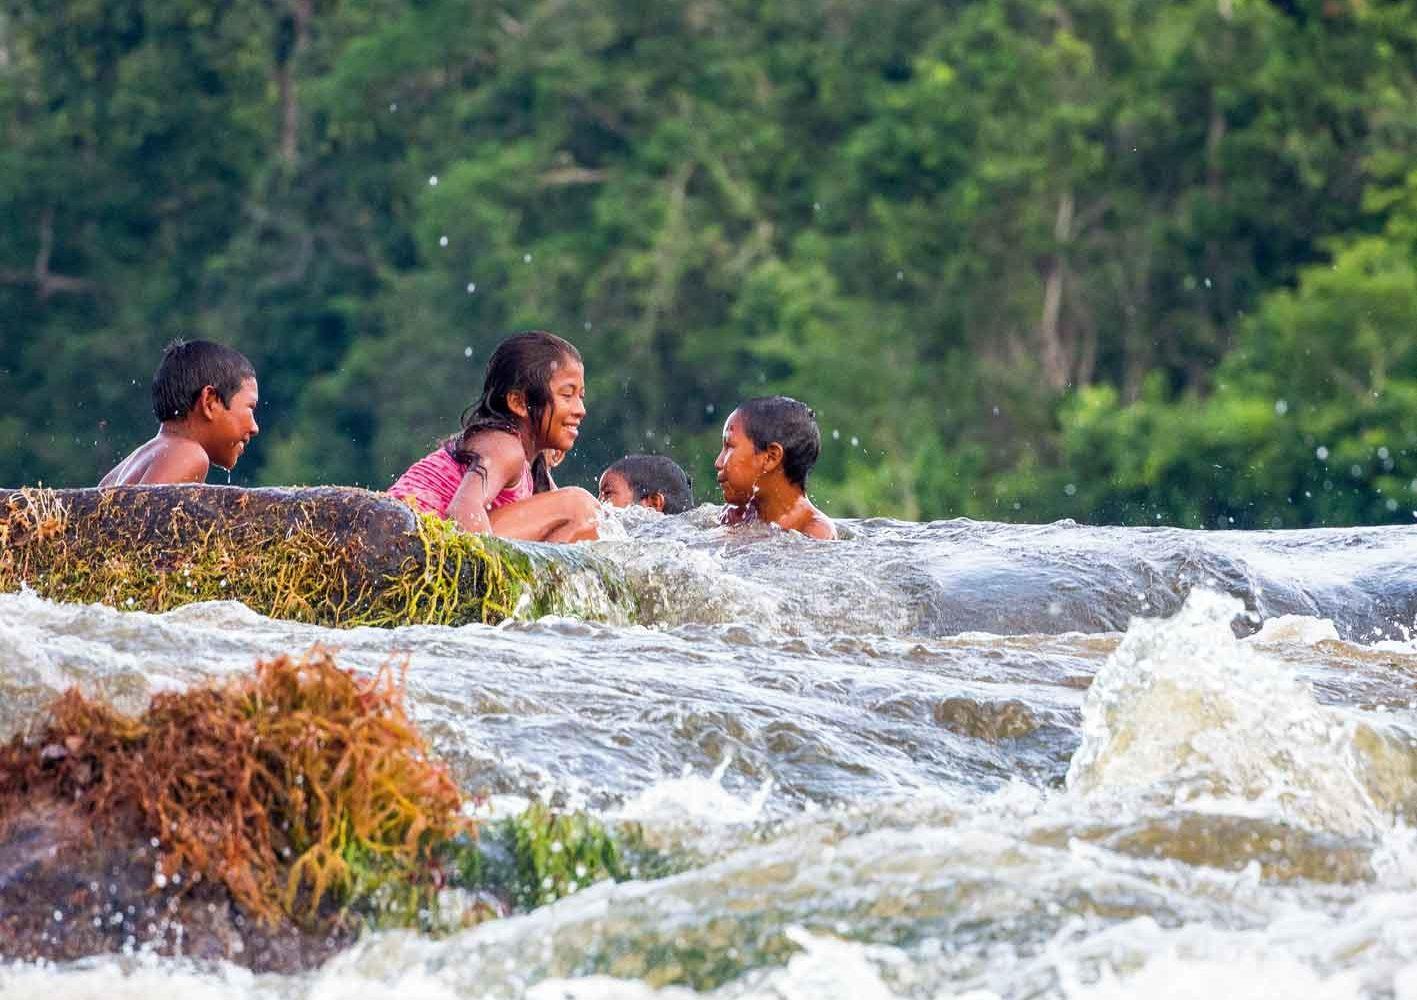 Fröhliche Kinder baden im Fluss, Guyana